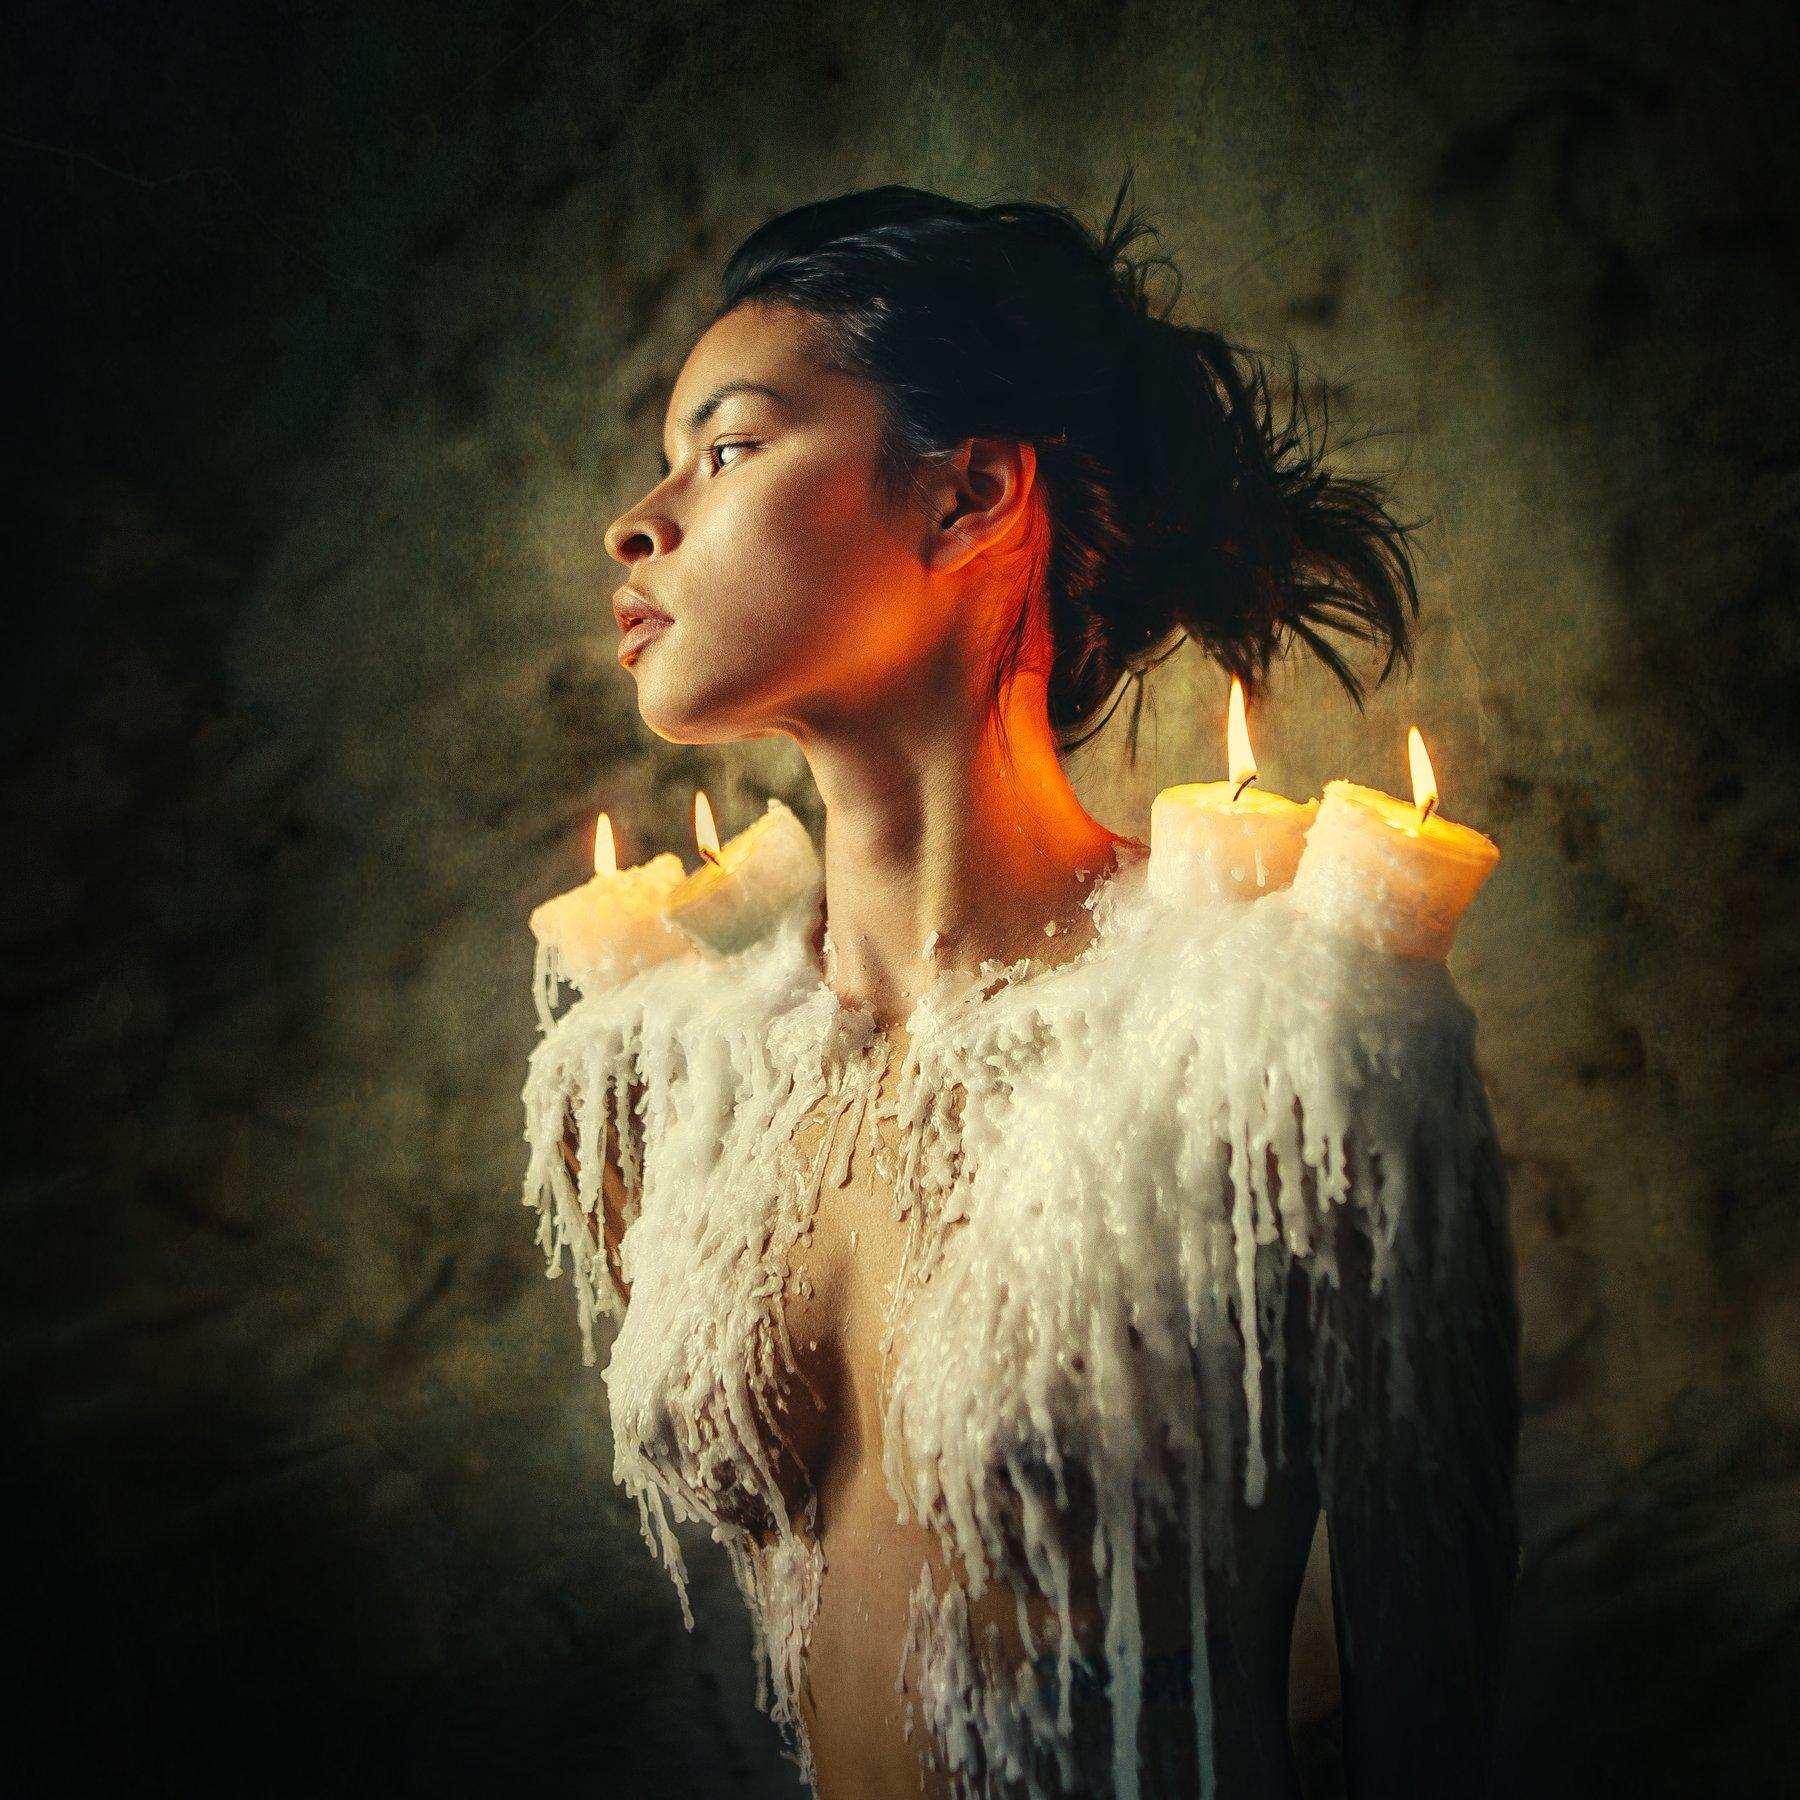 Девушка, портрет, модель, взгляд, красота, арт, позирование, Васильев Андрей